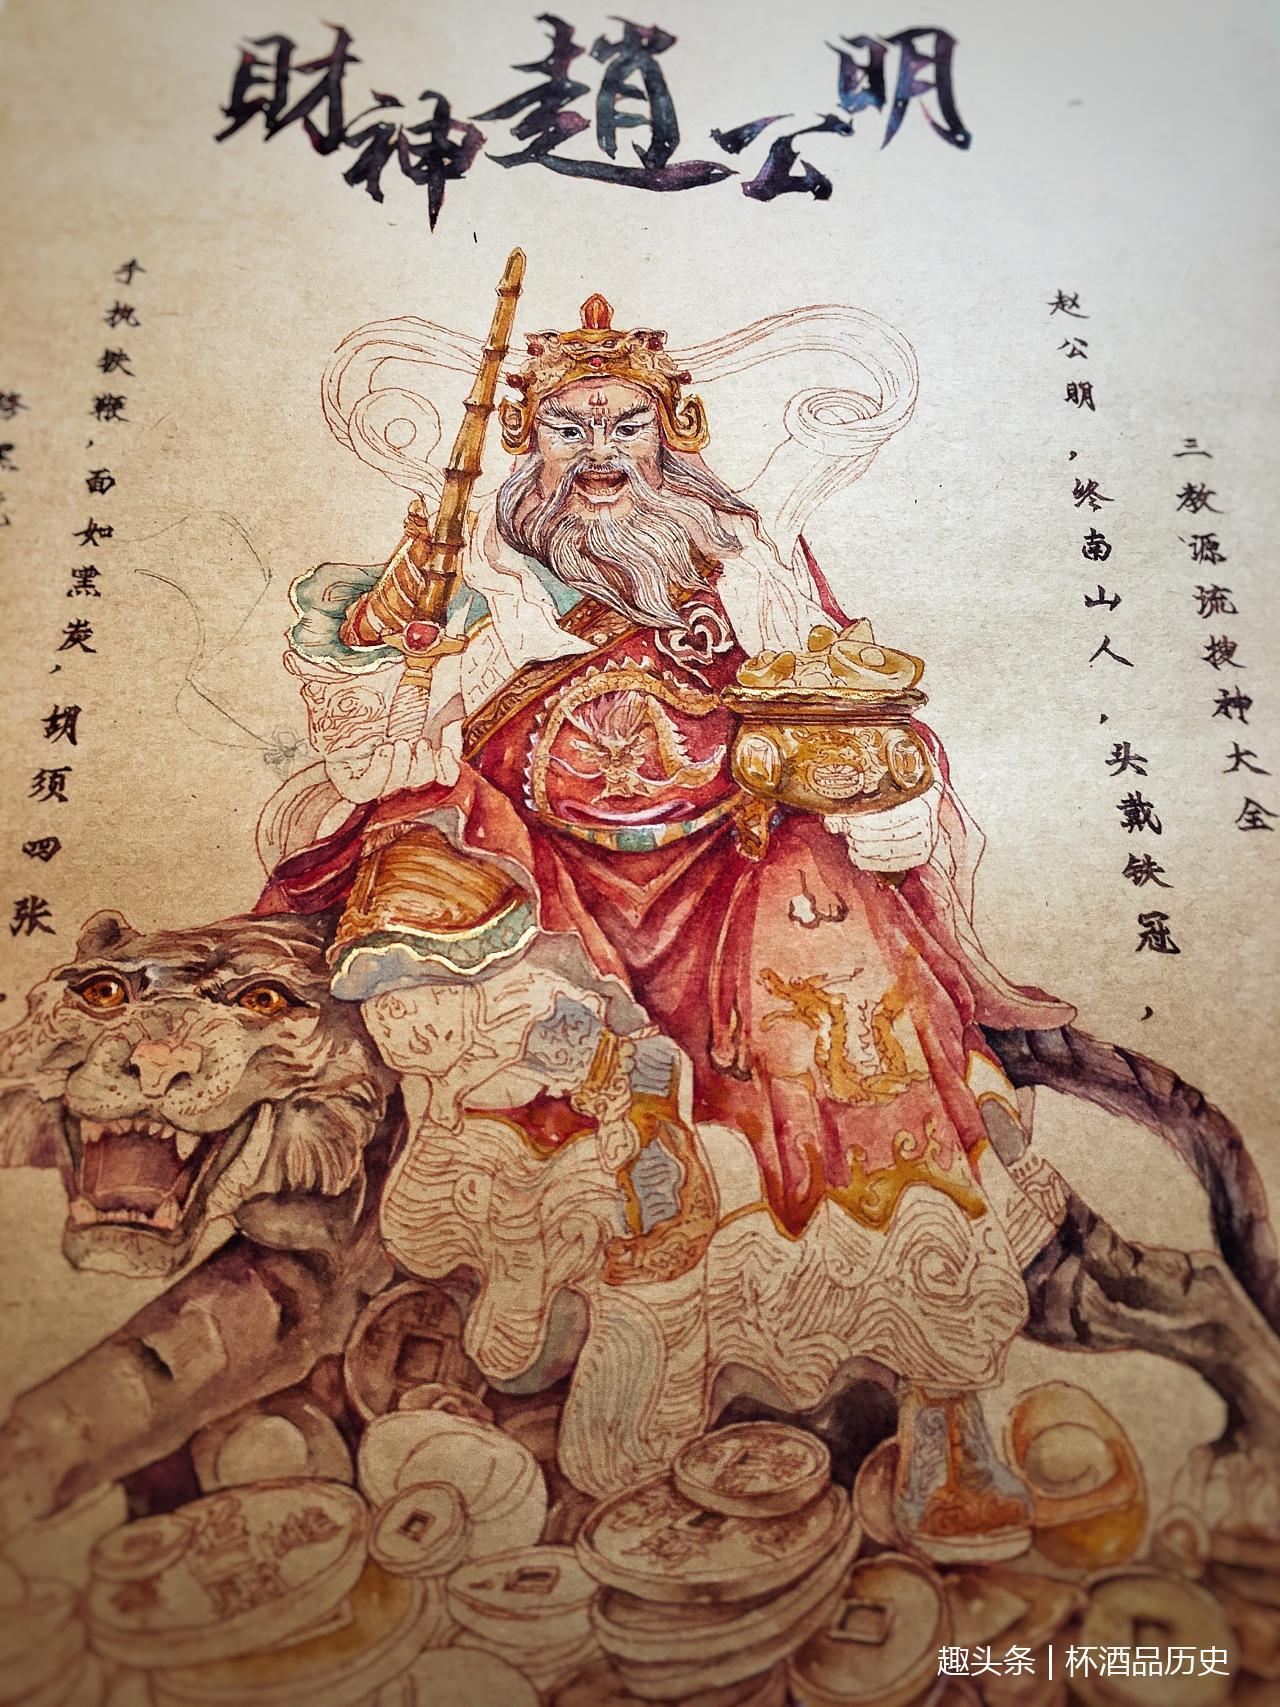 五路财神位置_道教历史上九大财神爷:小年夜祭财神,五路财神迎进门!